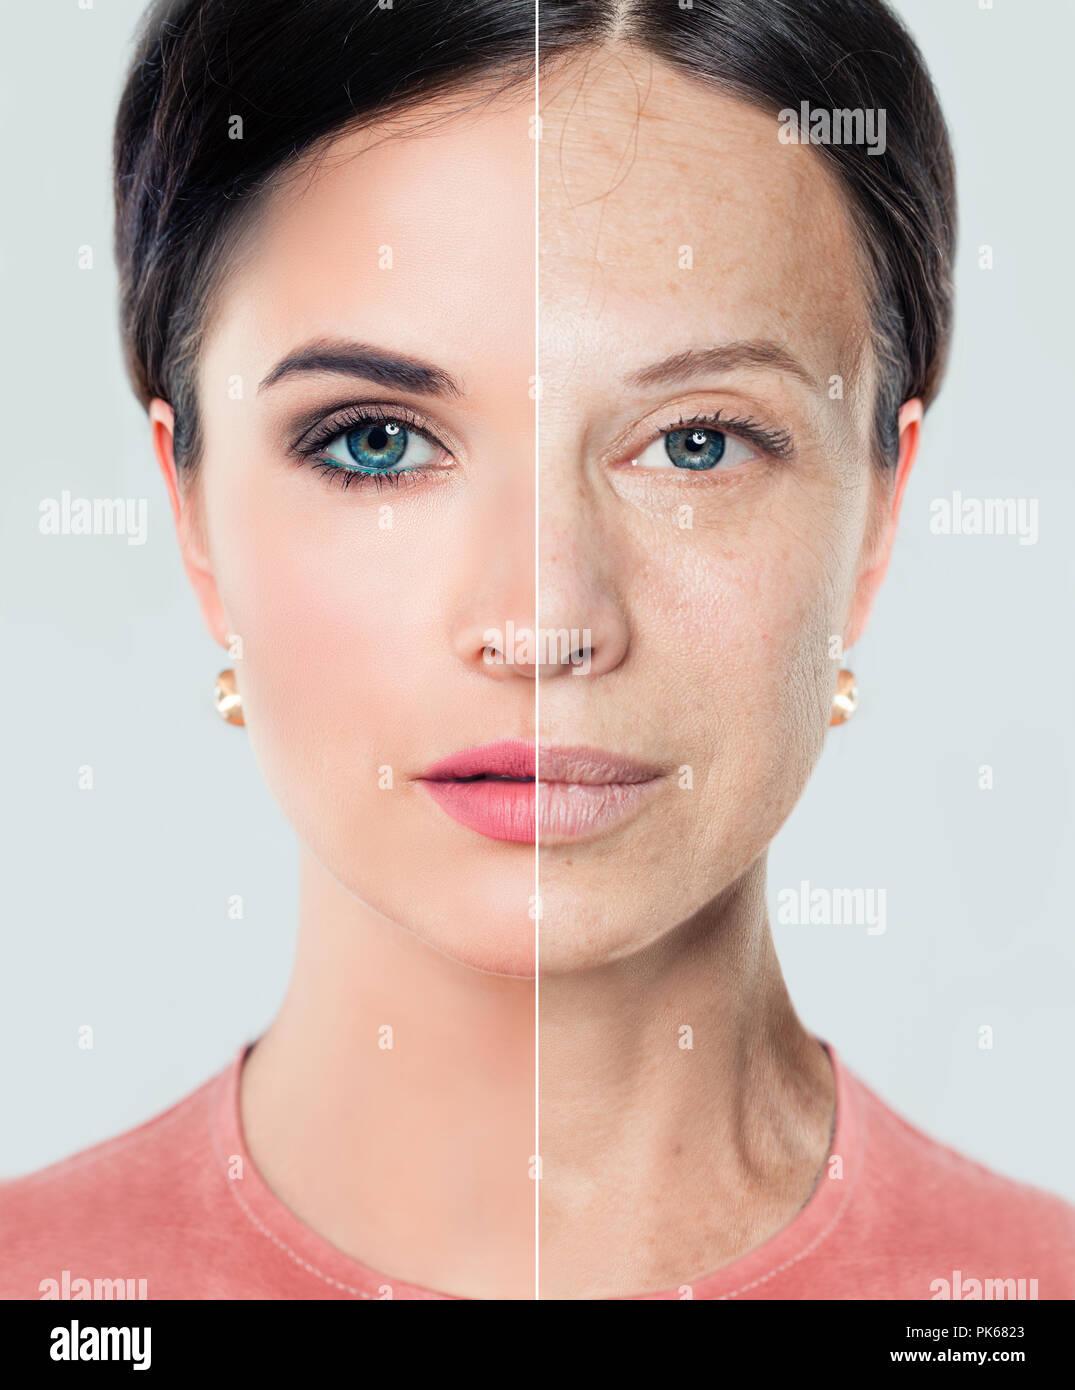 El envejecimiento y el concepto de juventud. Hermosa mujer con problema y limpiar la piel, tratamientos de belleza y elevación. Antes y después, la juventud y la vejez. Proceso de ag Imagen De Stock